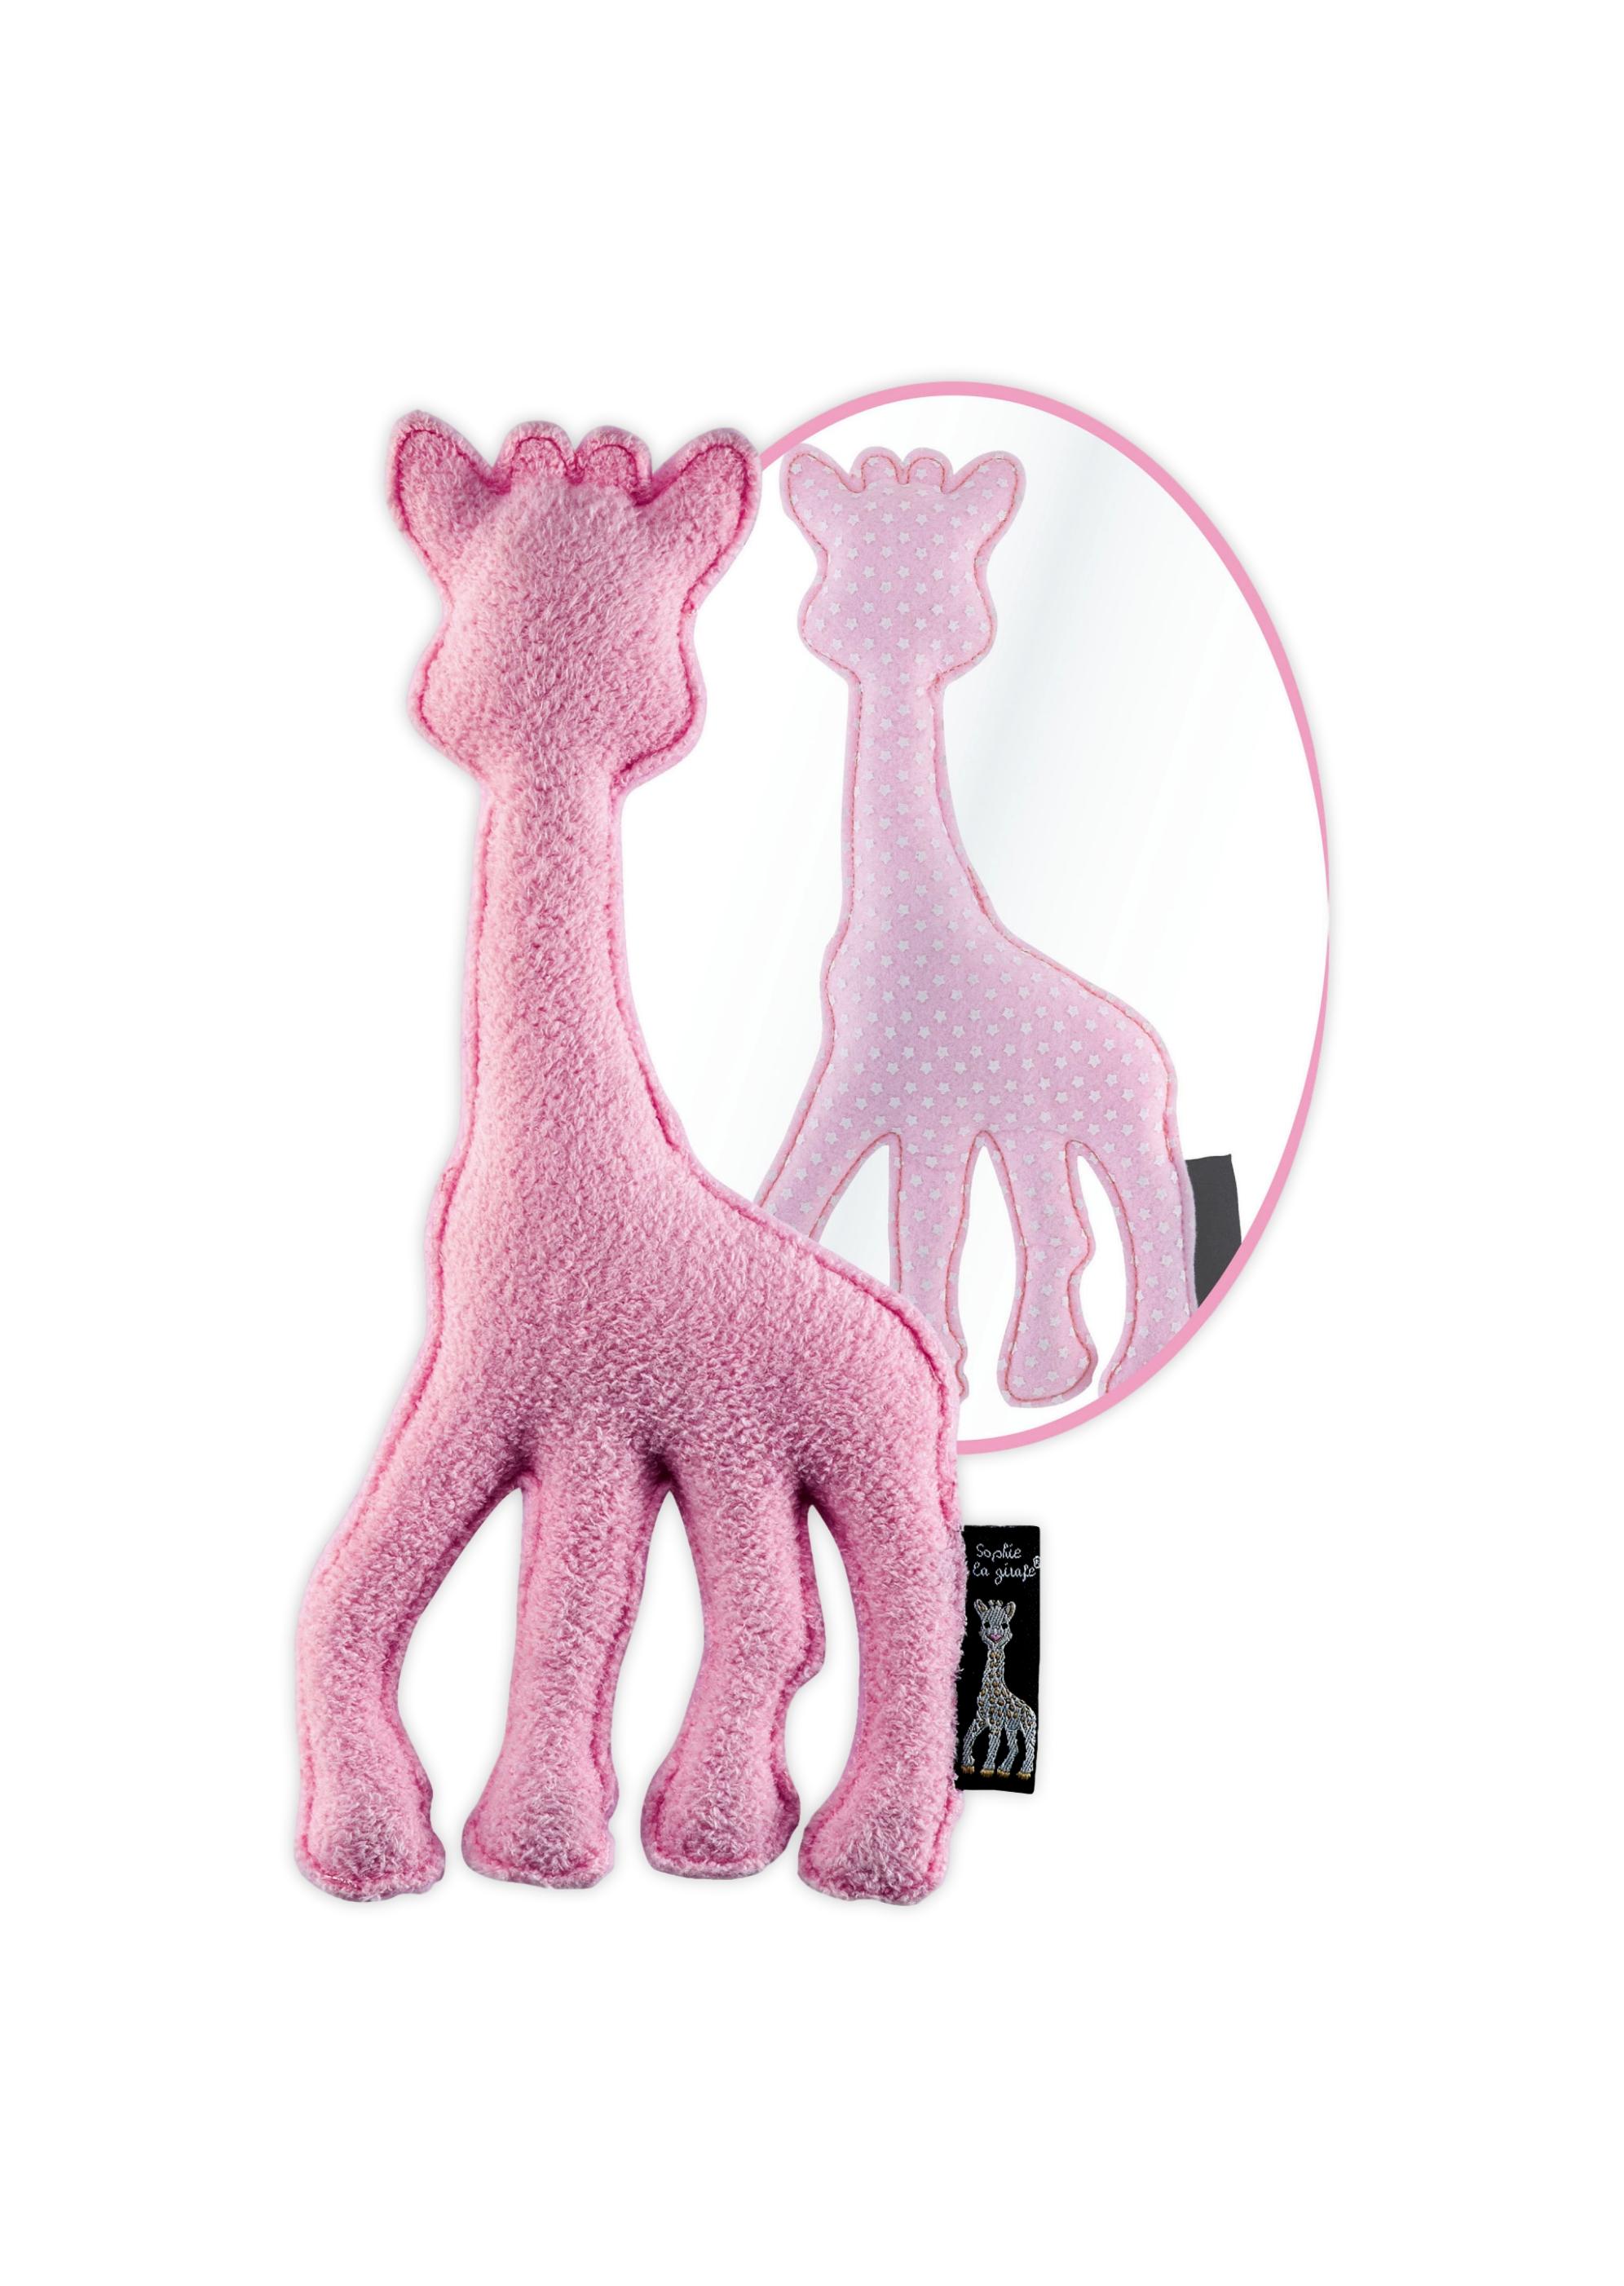 ea64894e5dfee7 Sophie de Giraffe - Knuffel - Roze | Boutique Toys